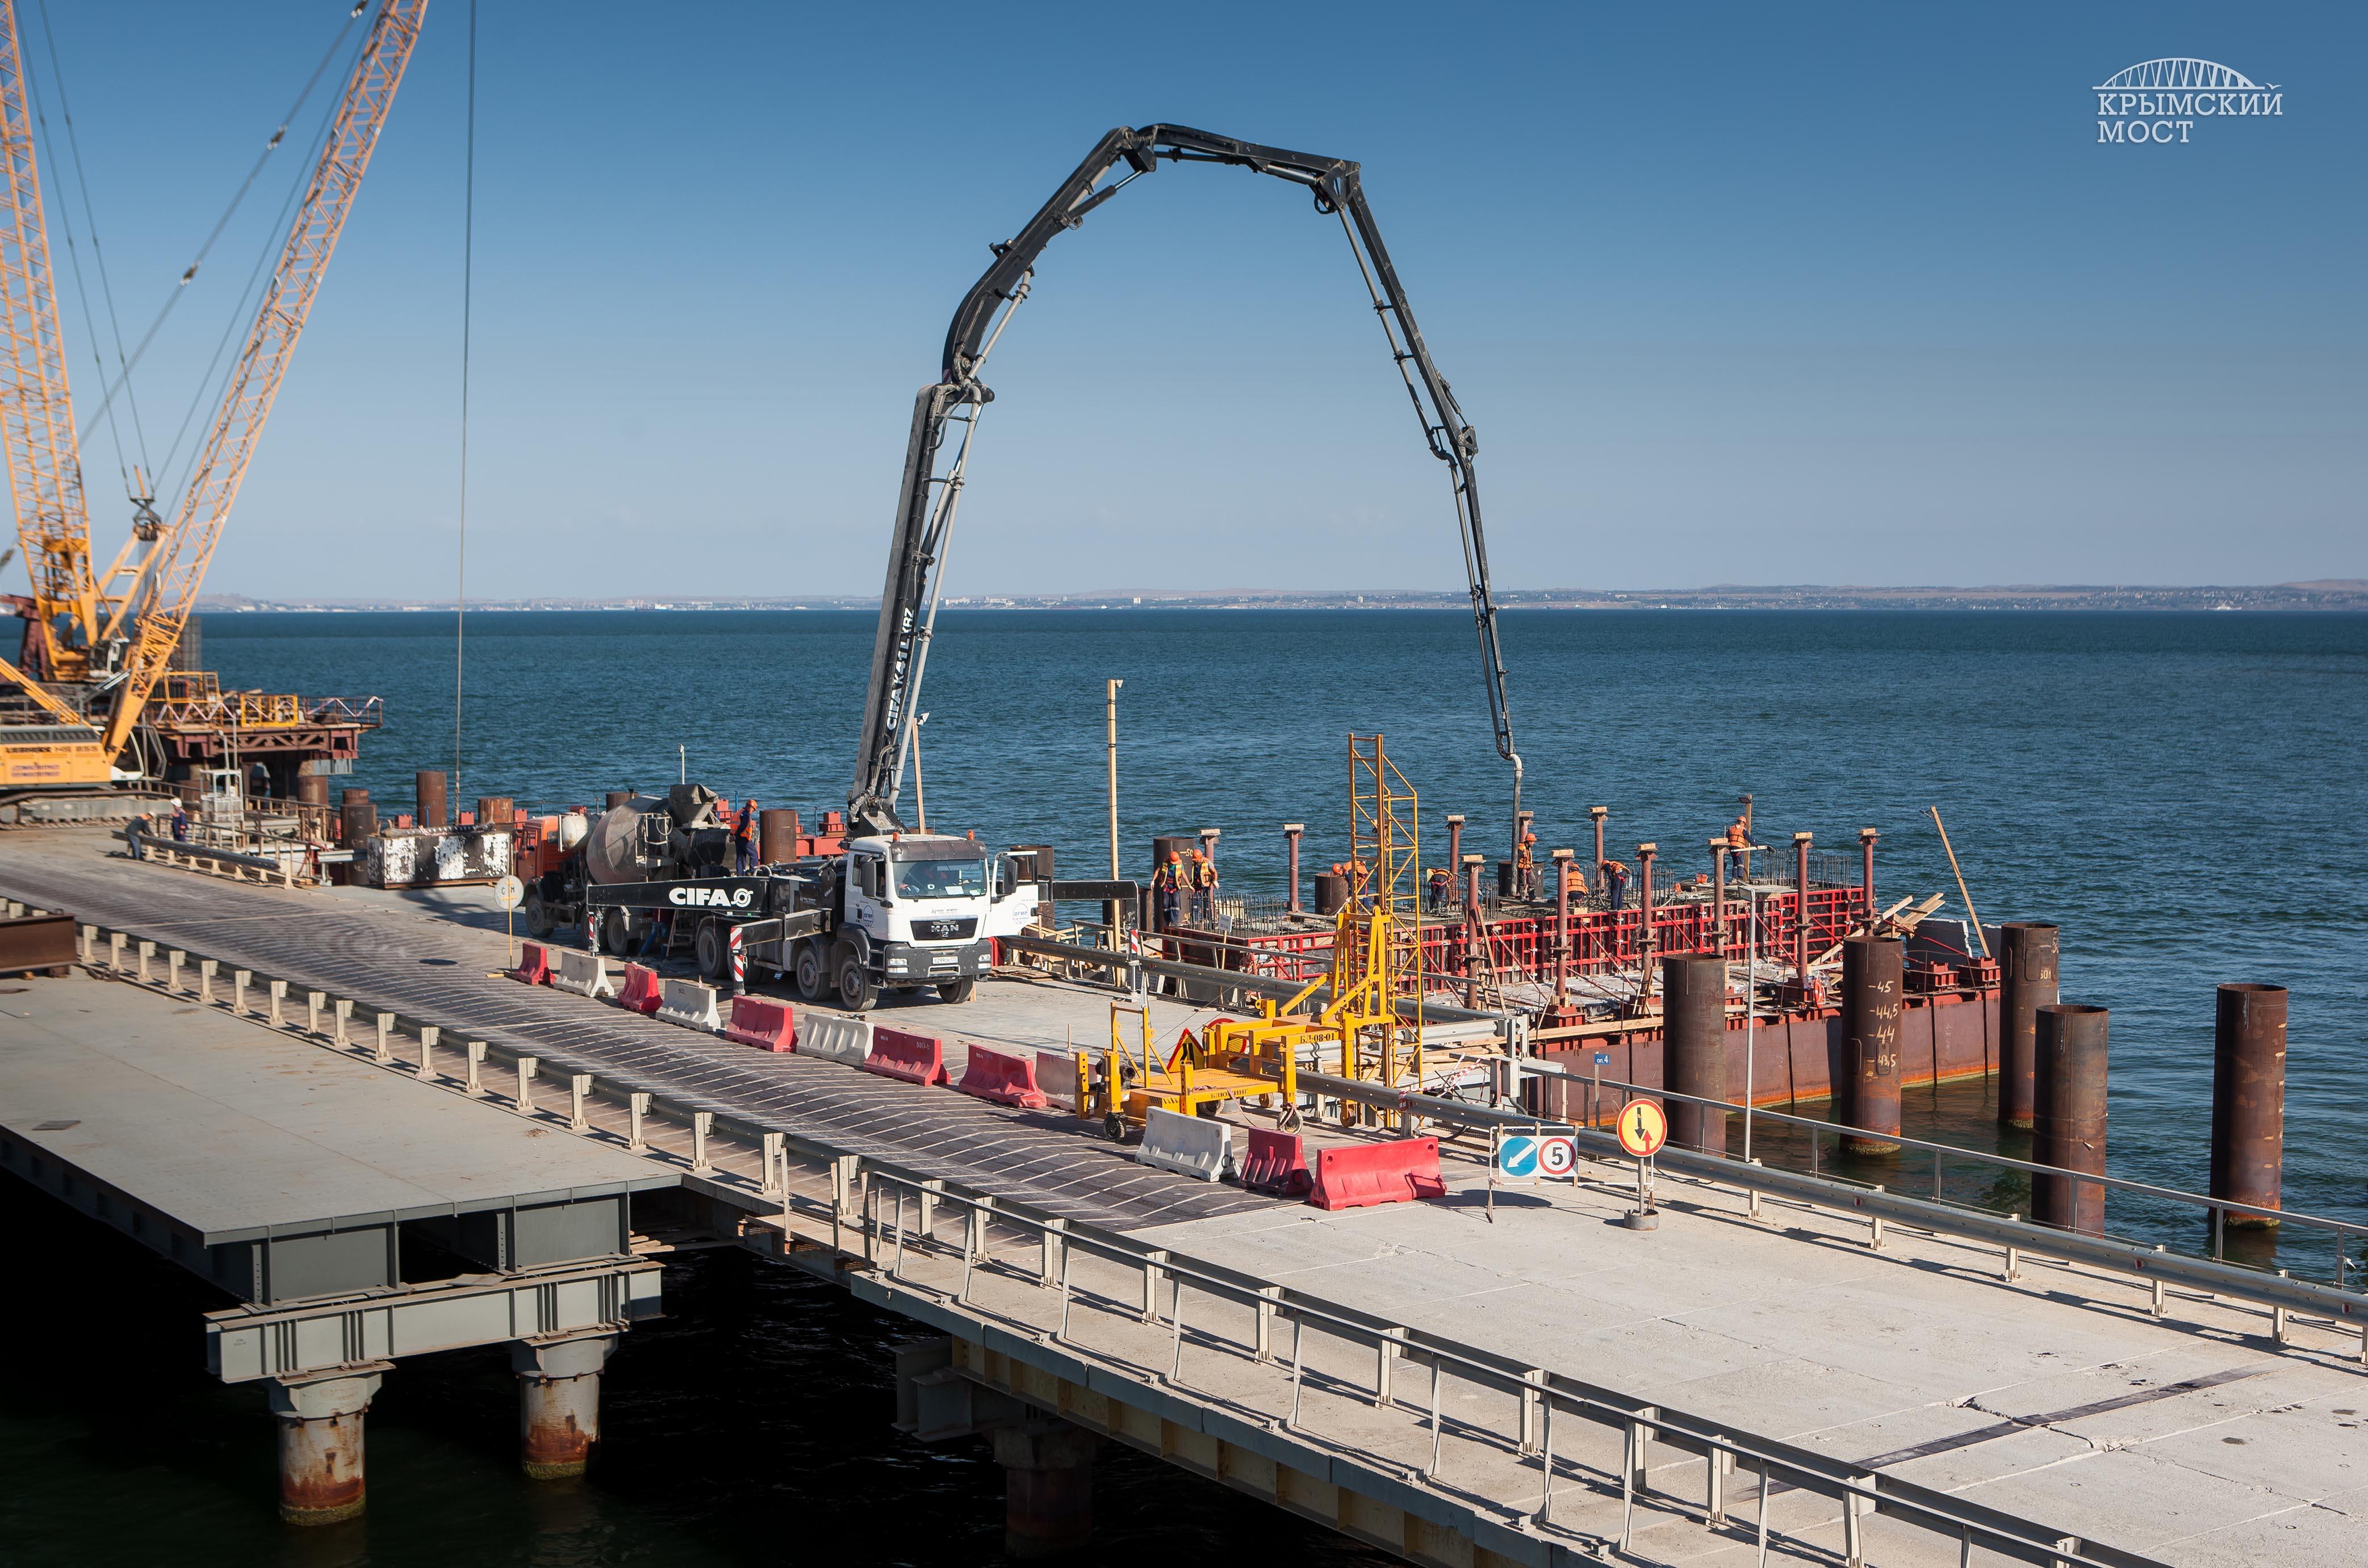 менее полезны фото строителей керченского моста магазина сувениров выгодное